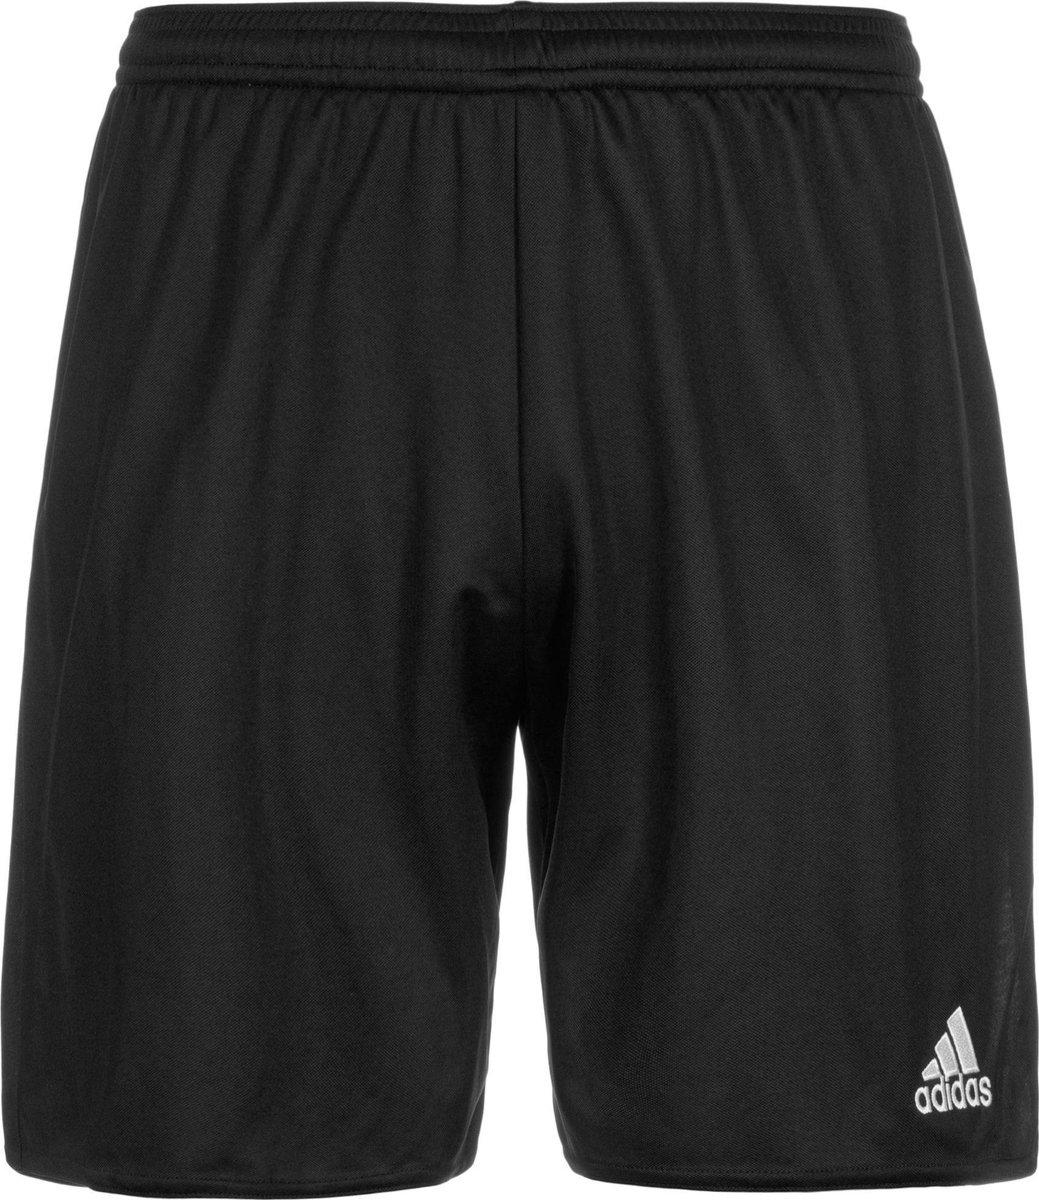 adidas Parma 16 Shorts Sportbroek Heren - Maat XXL